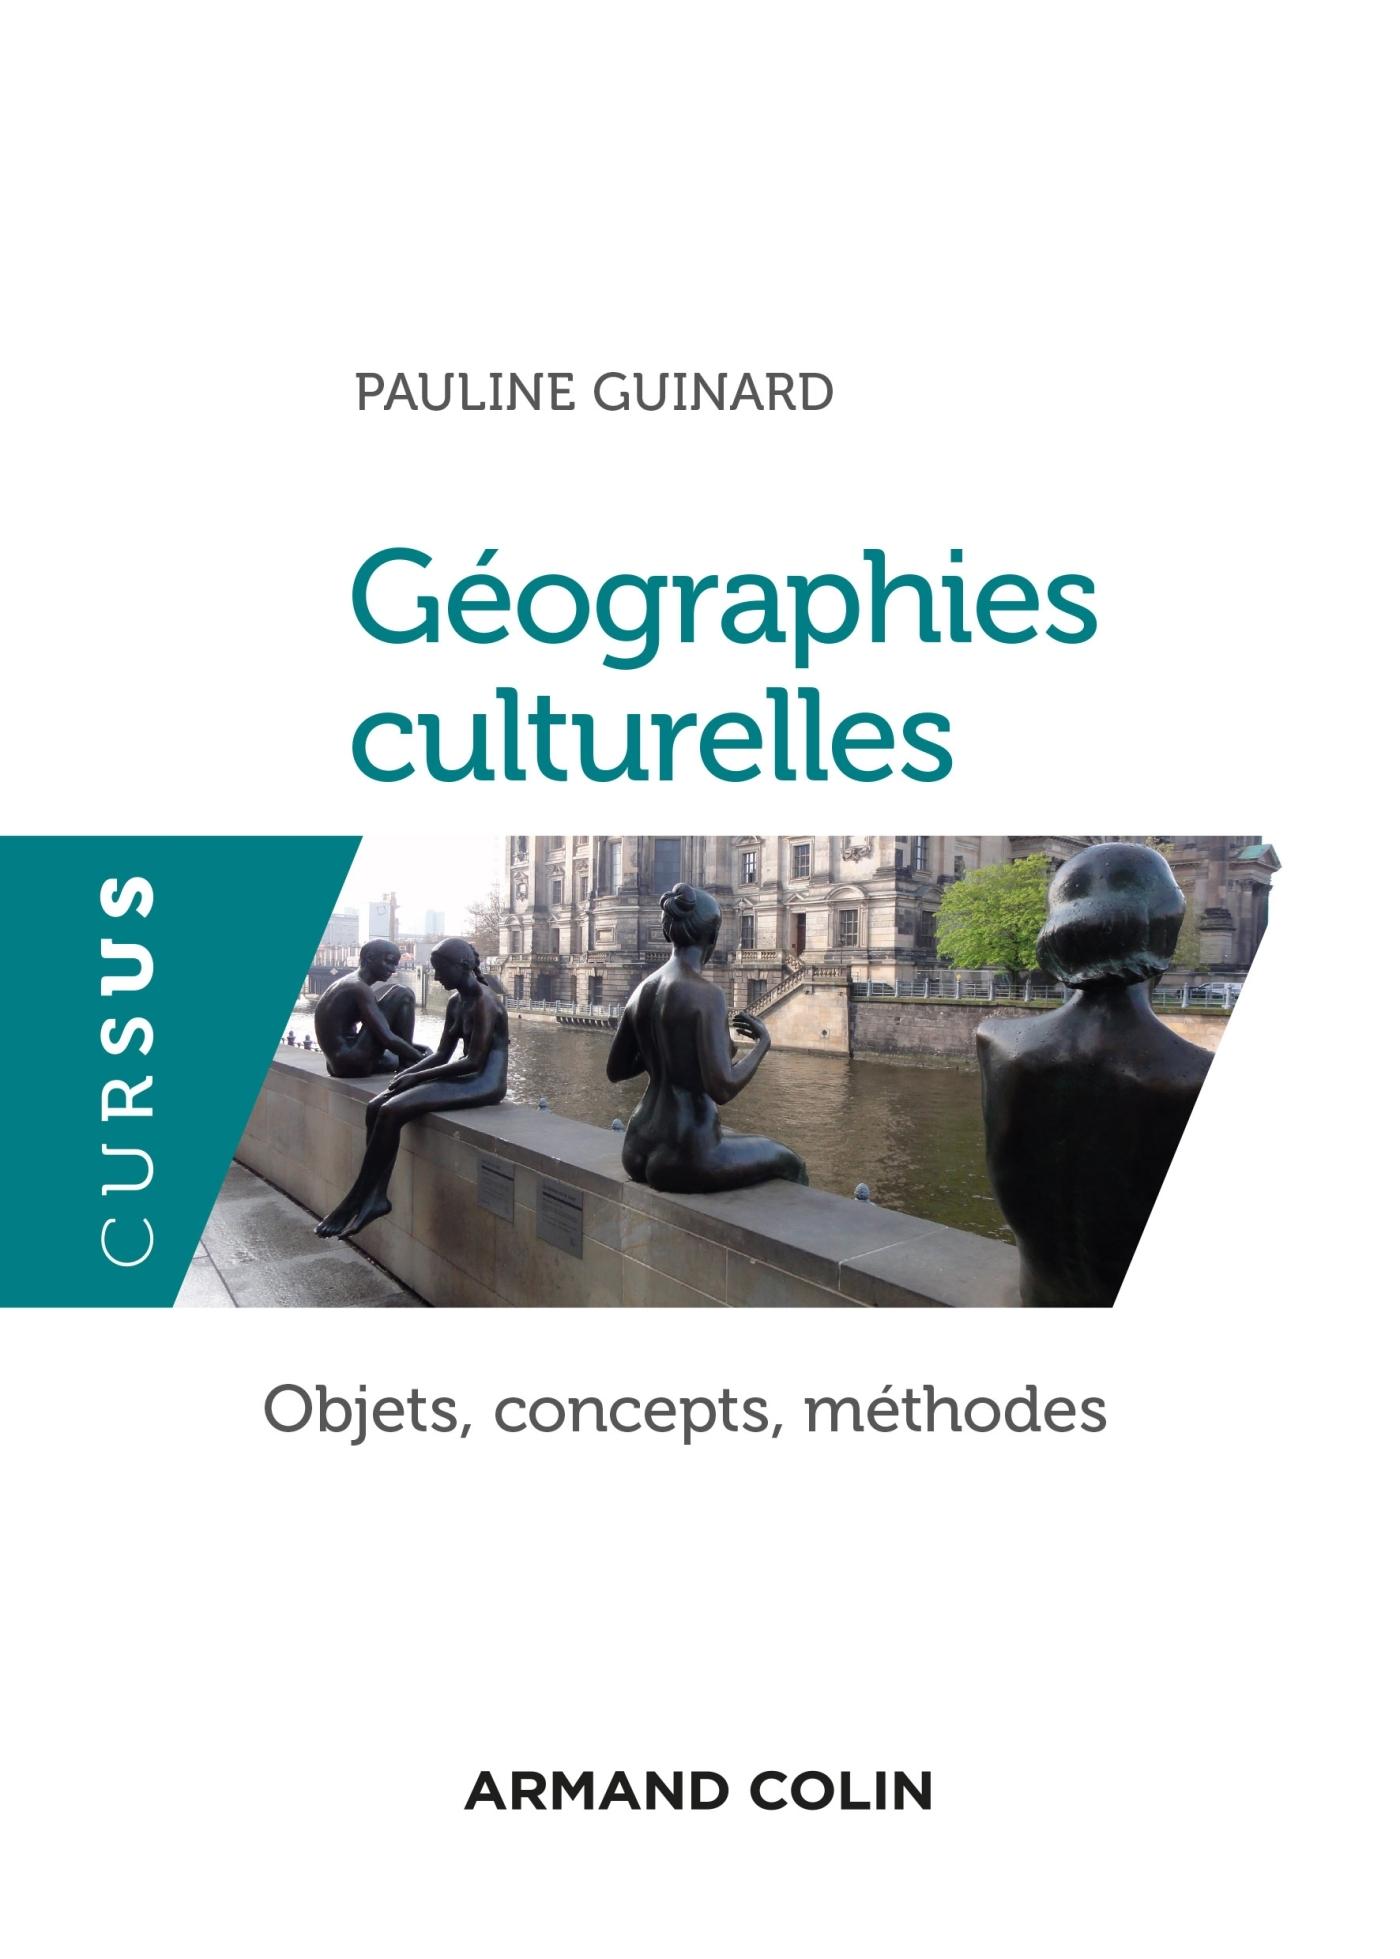 GEOGRAPHIES CULTURELLES - OBJETS, CONCEPTS, METHODES